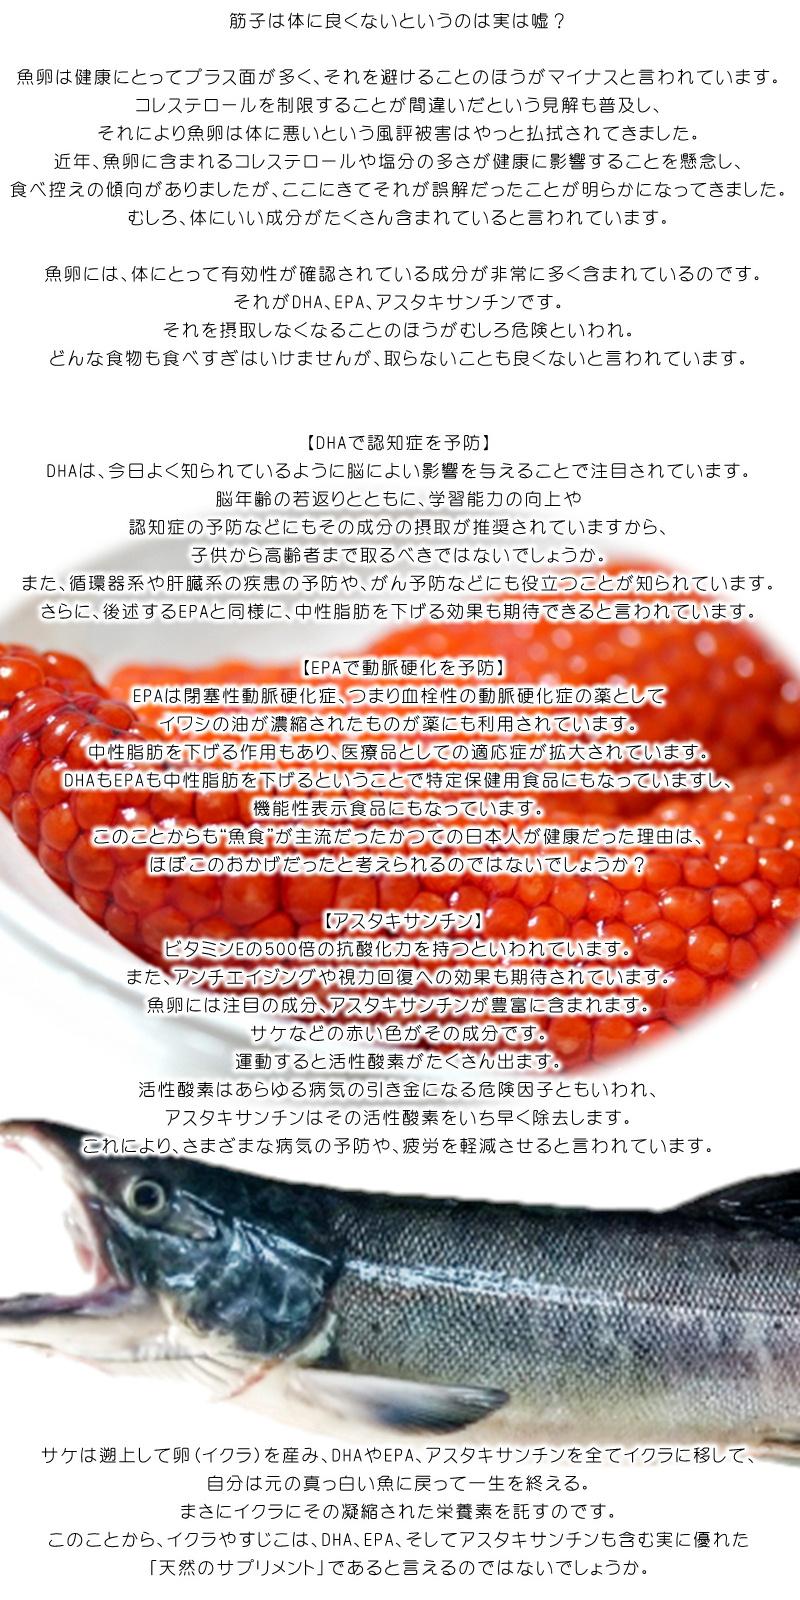 すじこ  塩筋子 【天然紅鮭 紅子】  業務用 5kg 【 ふぞろい 切れ子込み 】 小粒です。見た目だけで味・色は問題ありません 【冷凍便】